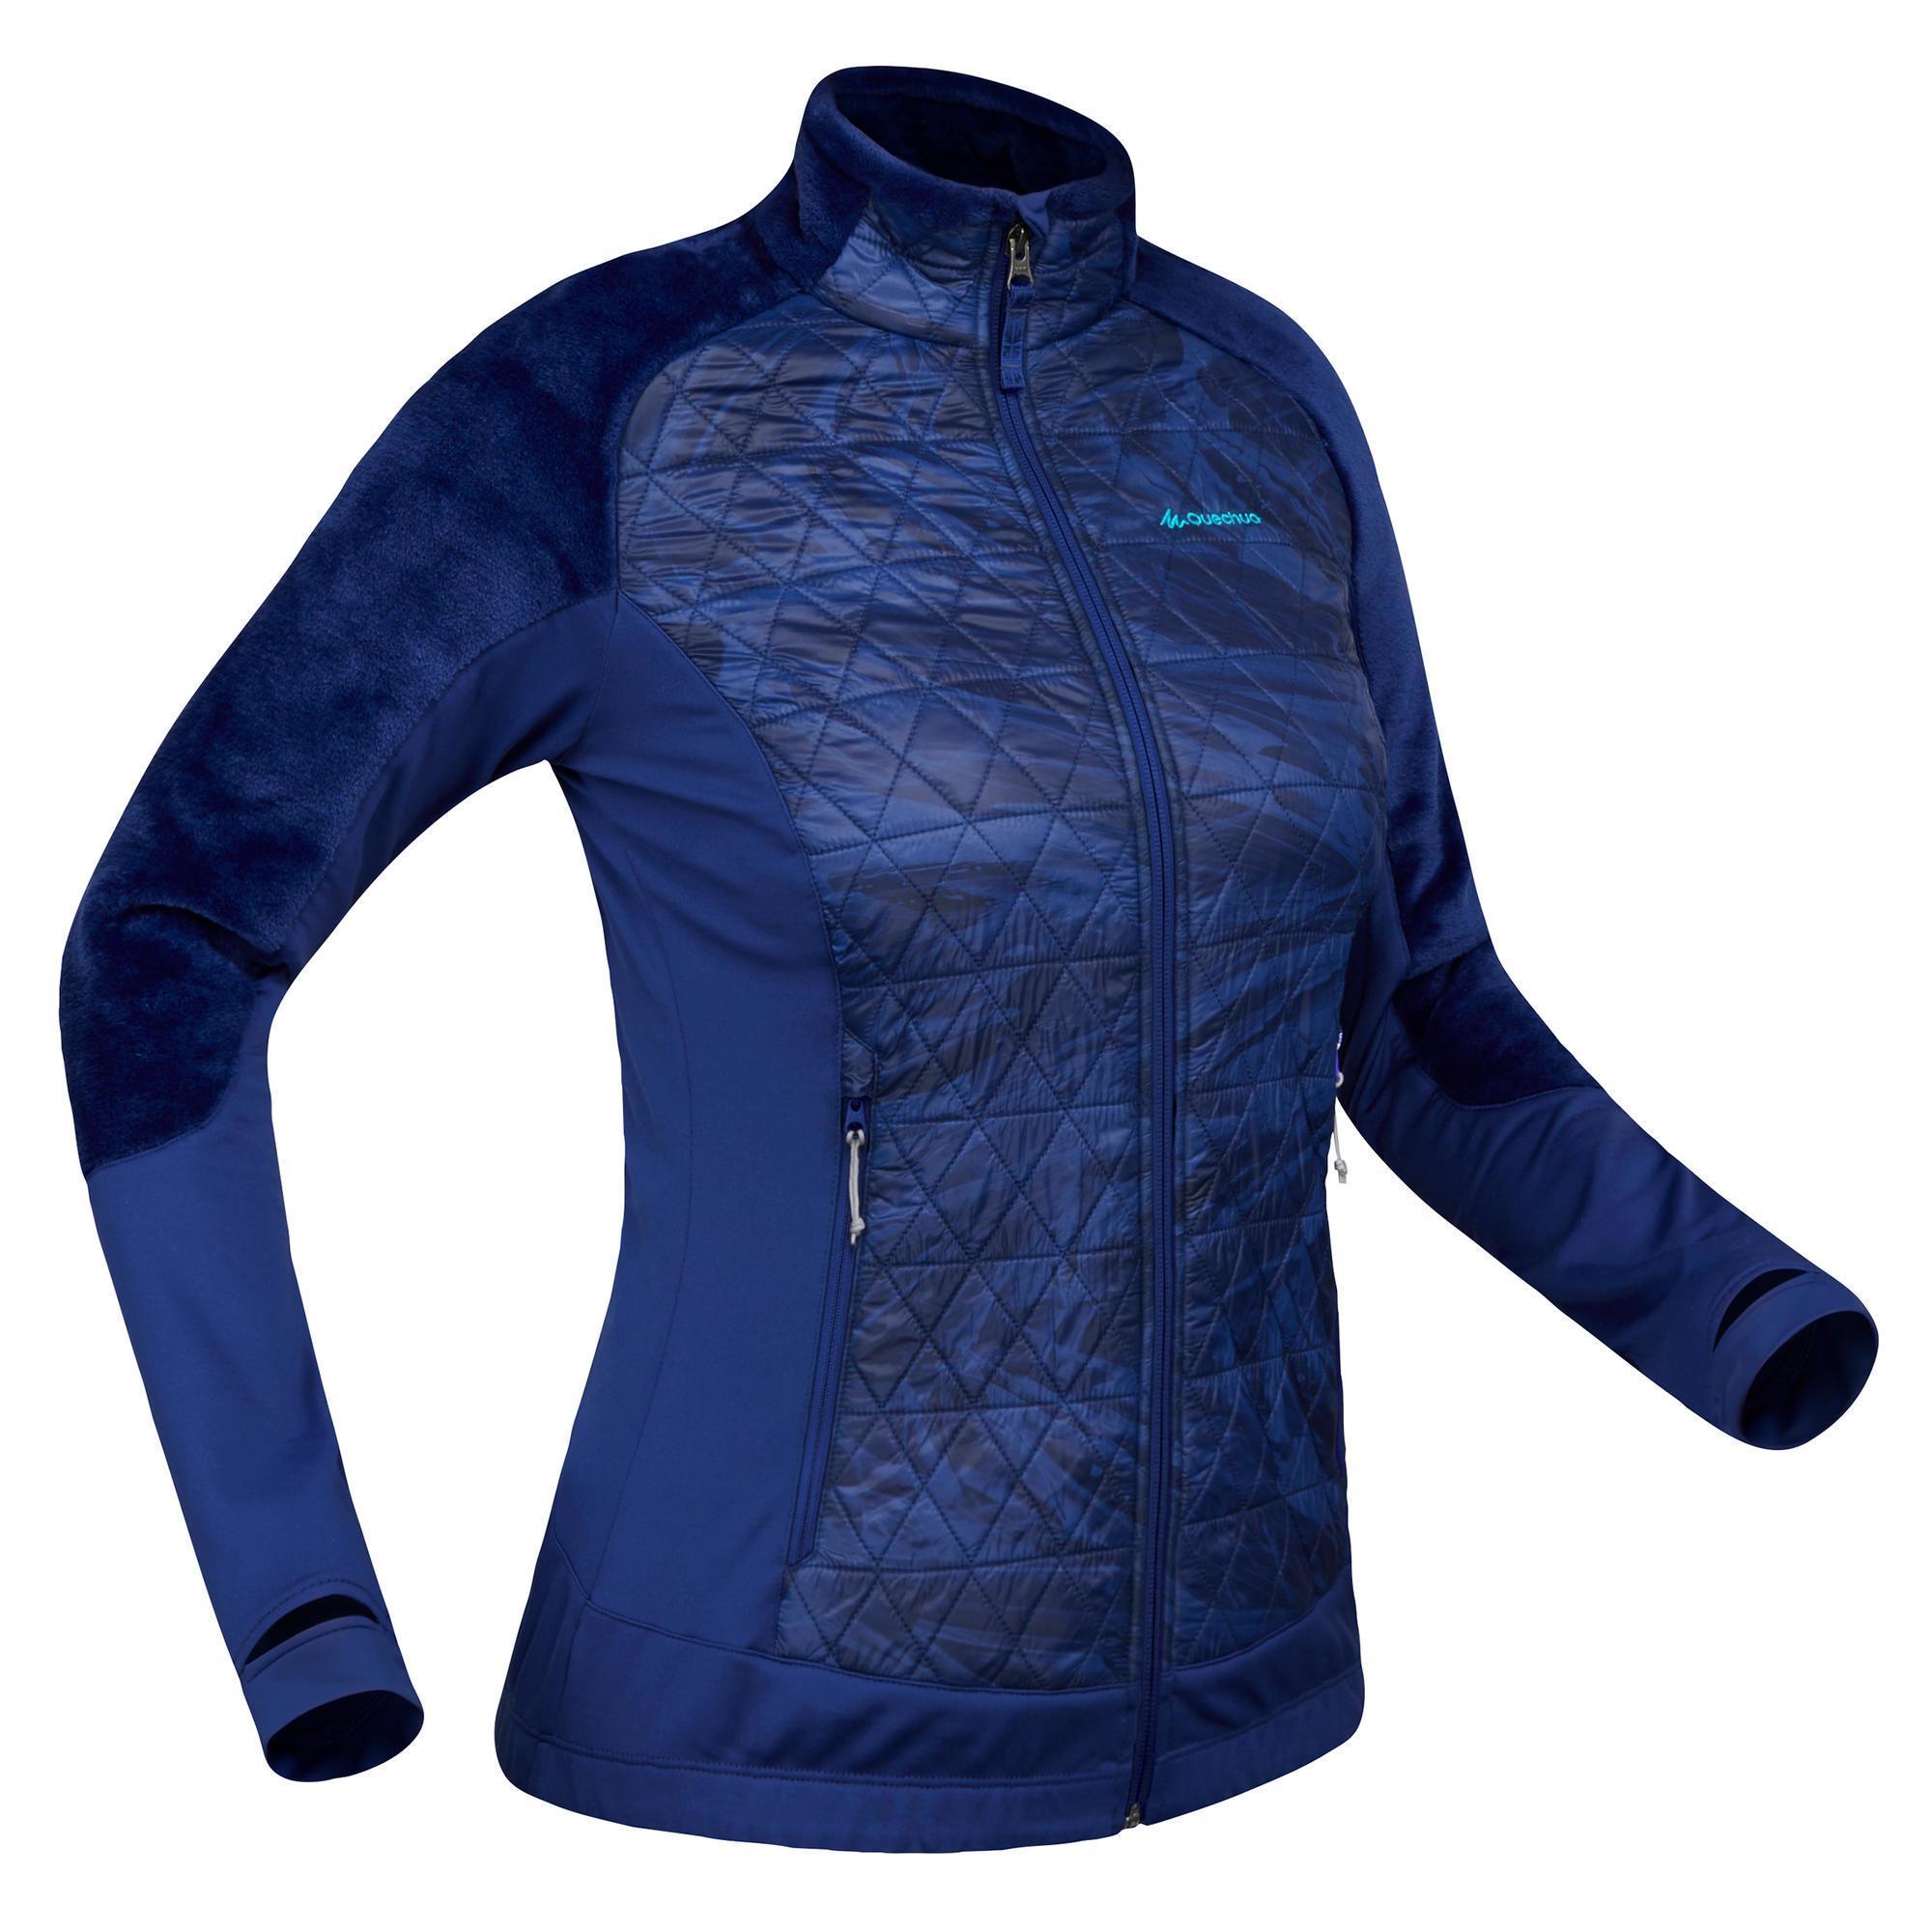 pas cher pour réduction 4117b cecc0 Randonnée neige - Veste polaire hybride de randonnée neige femme SH900  X-warm bleu.